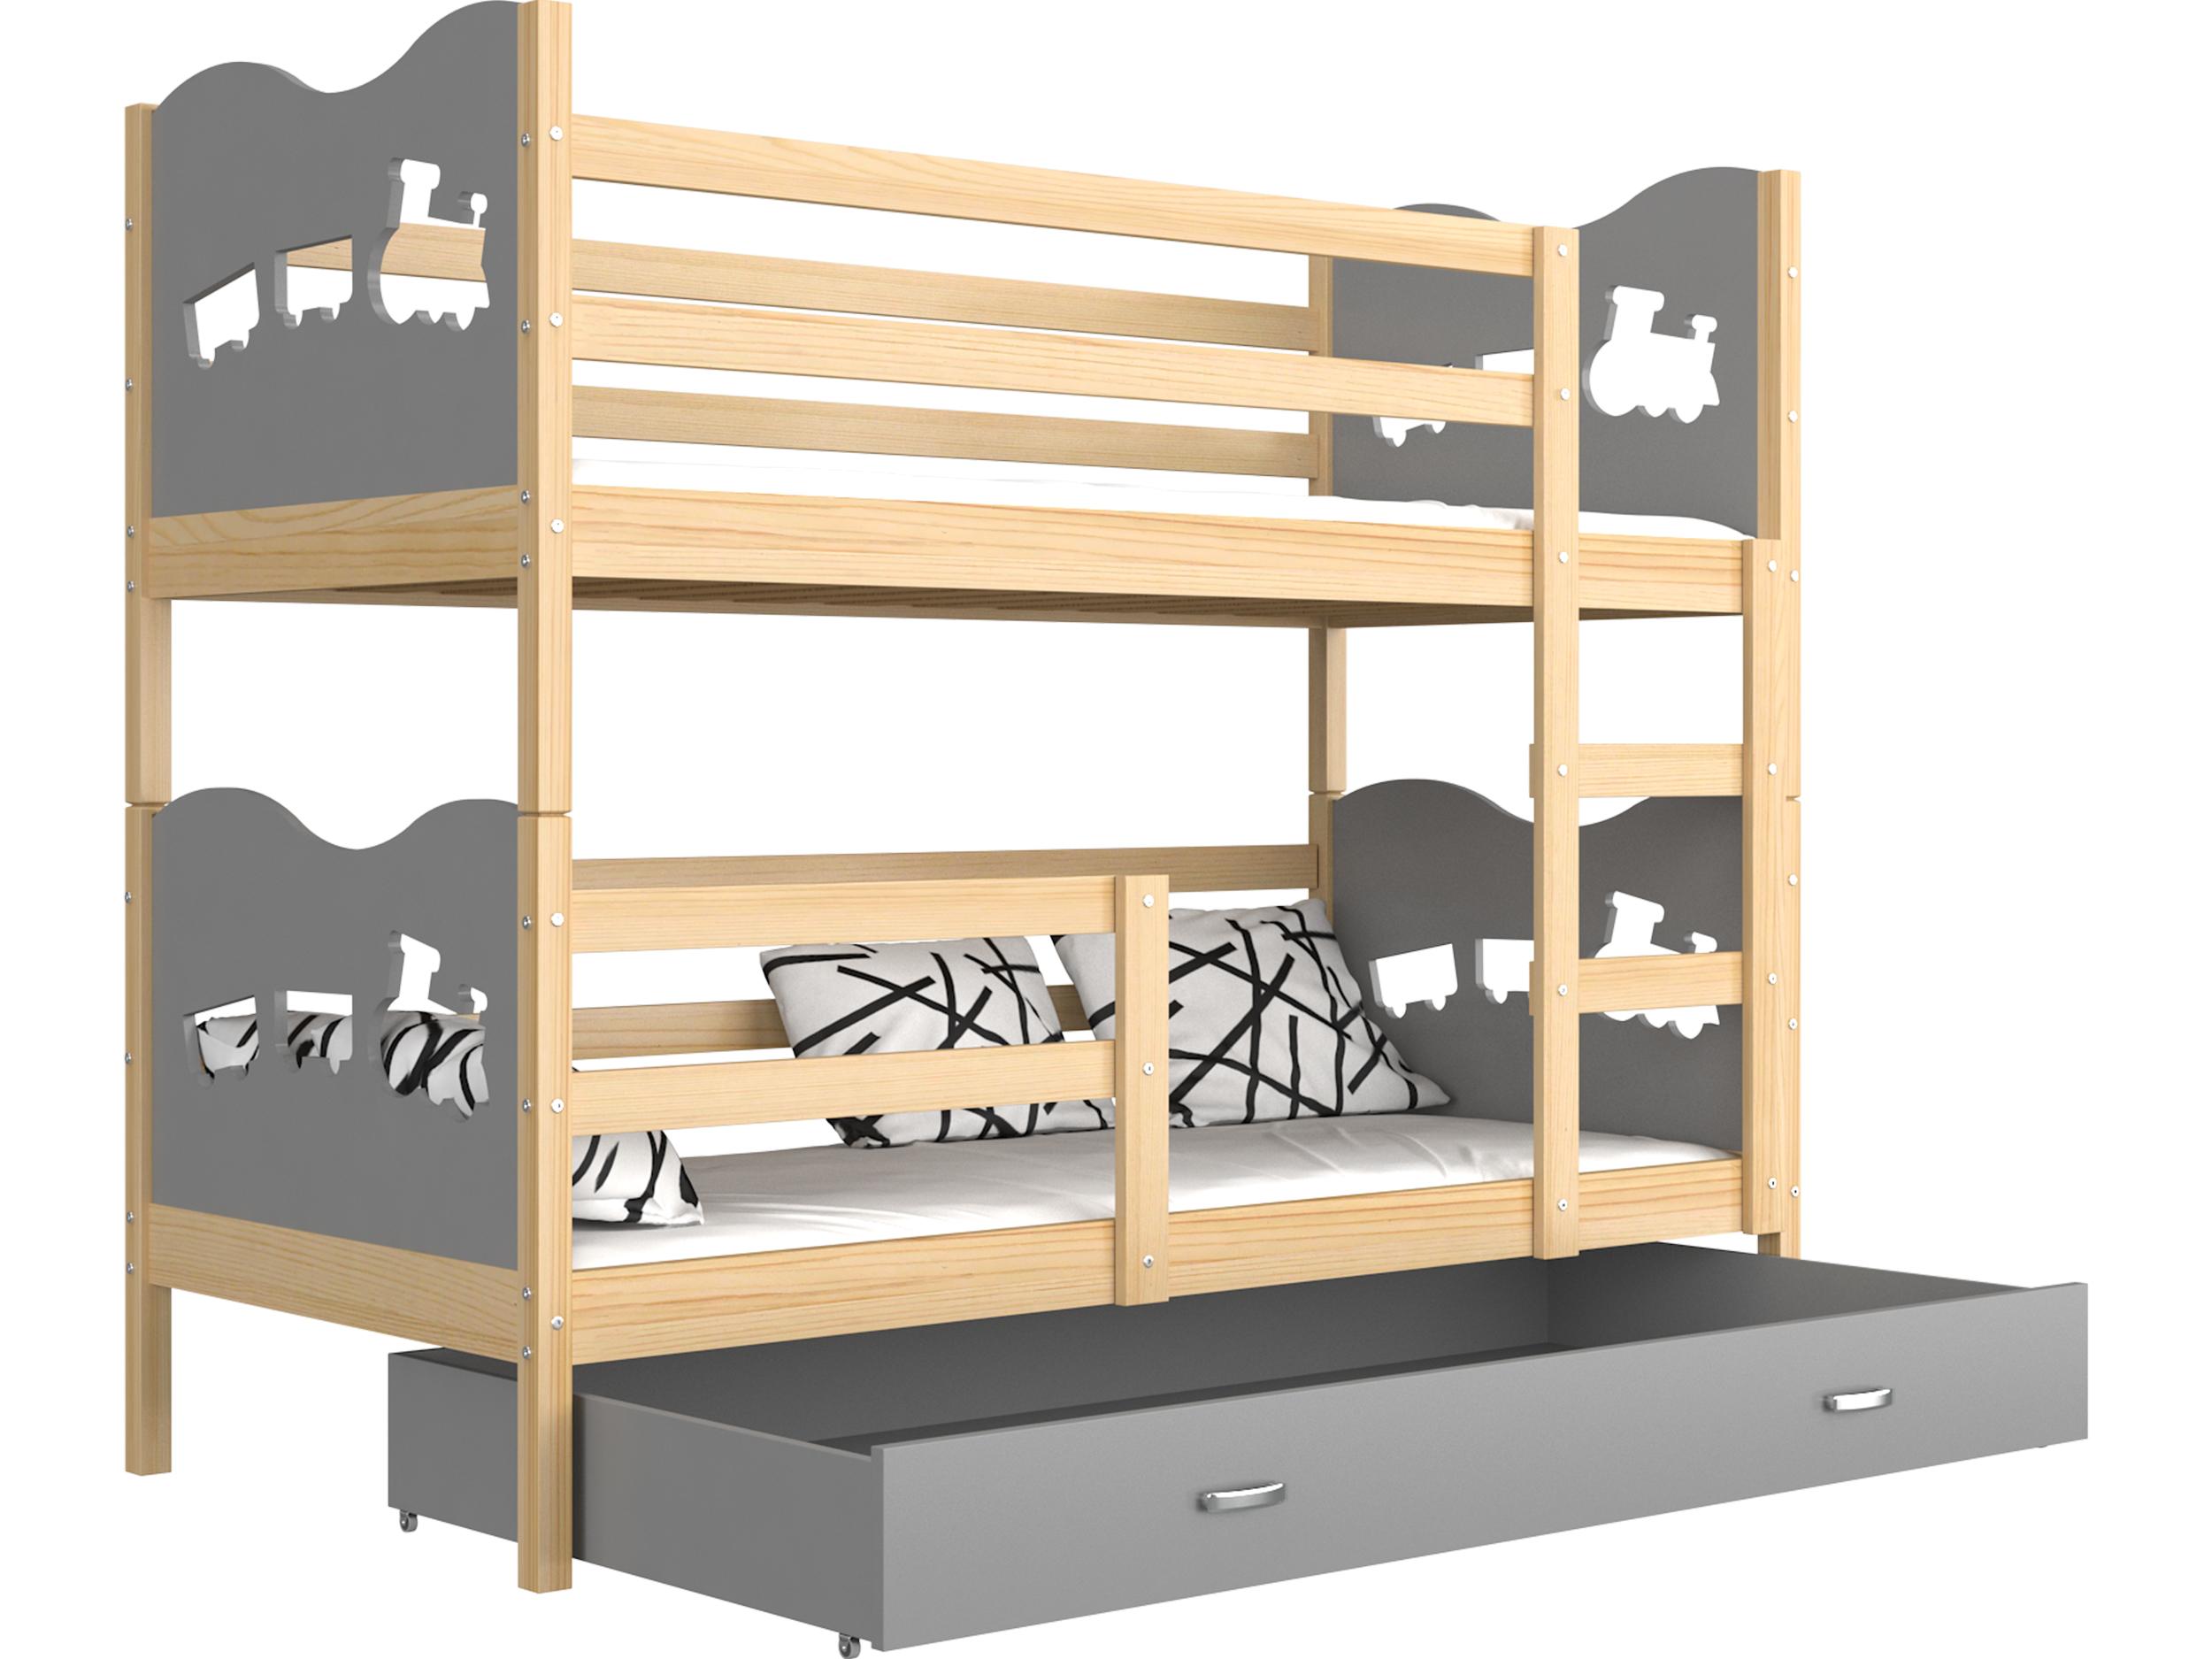 ArtAJ Detská poschodová posteľ Max drevo / MDF 160 x 80 cm Farba: Borovica / sivá 160 x 80 cm, s matracom